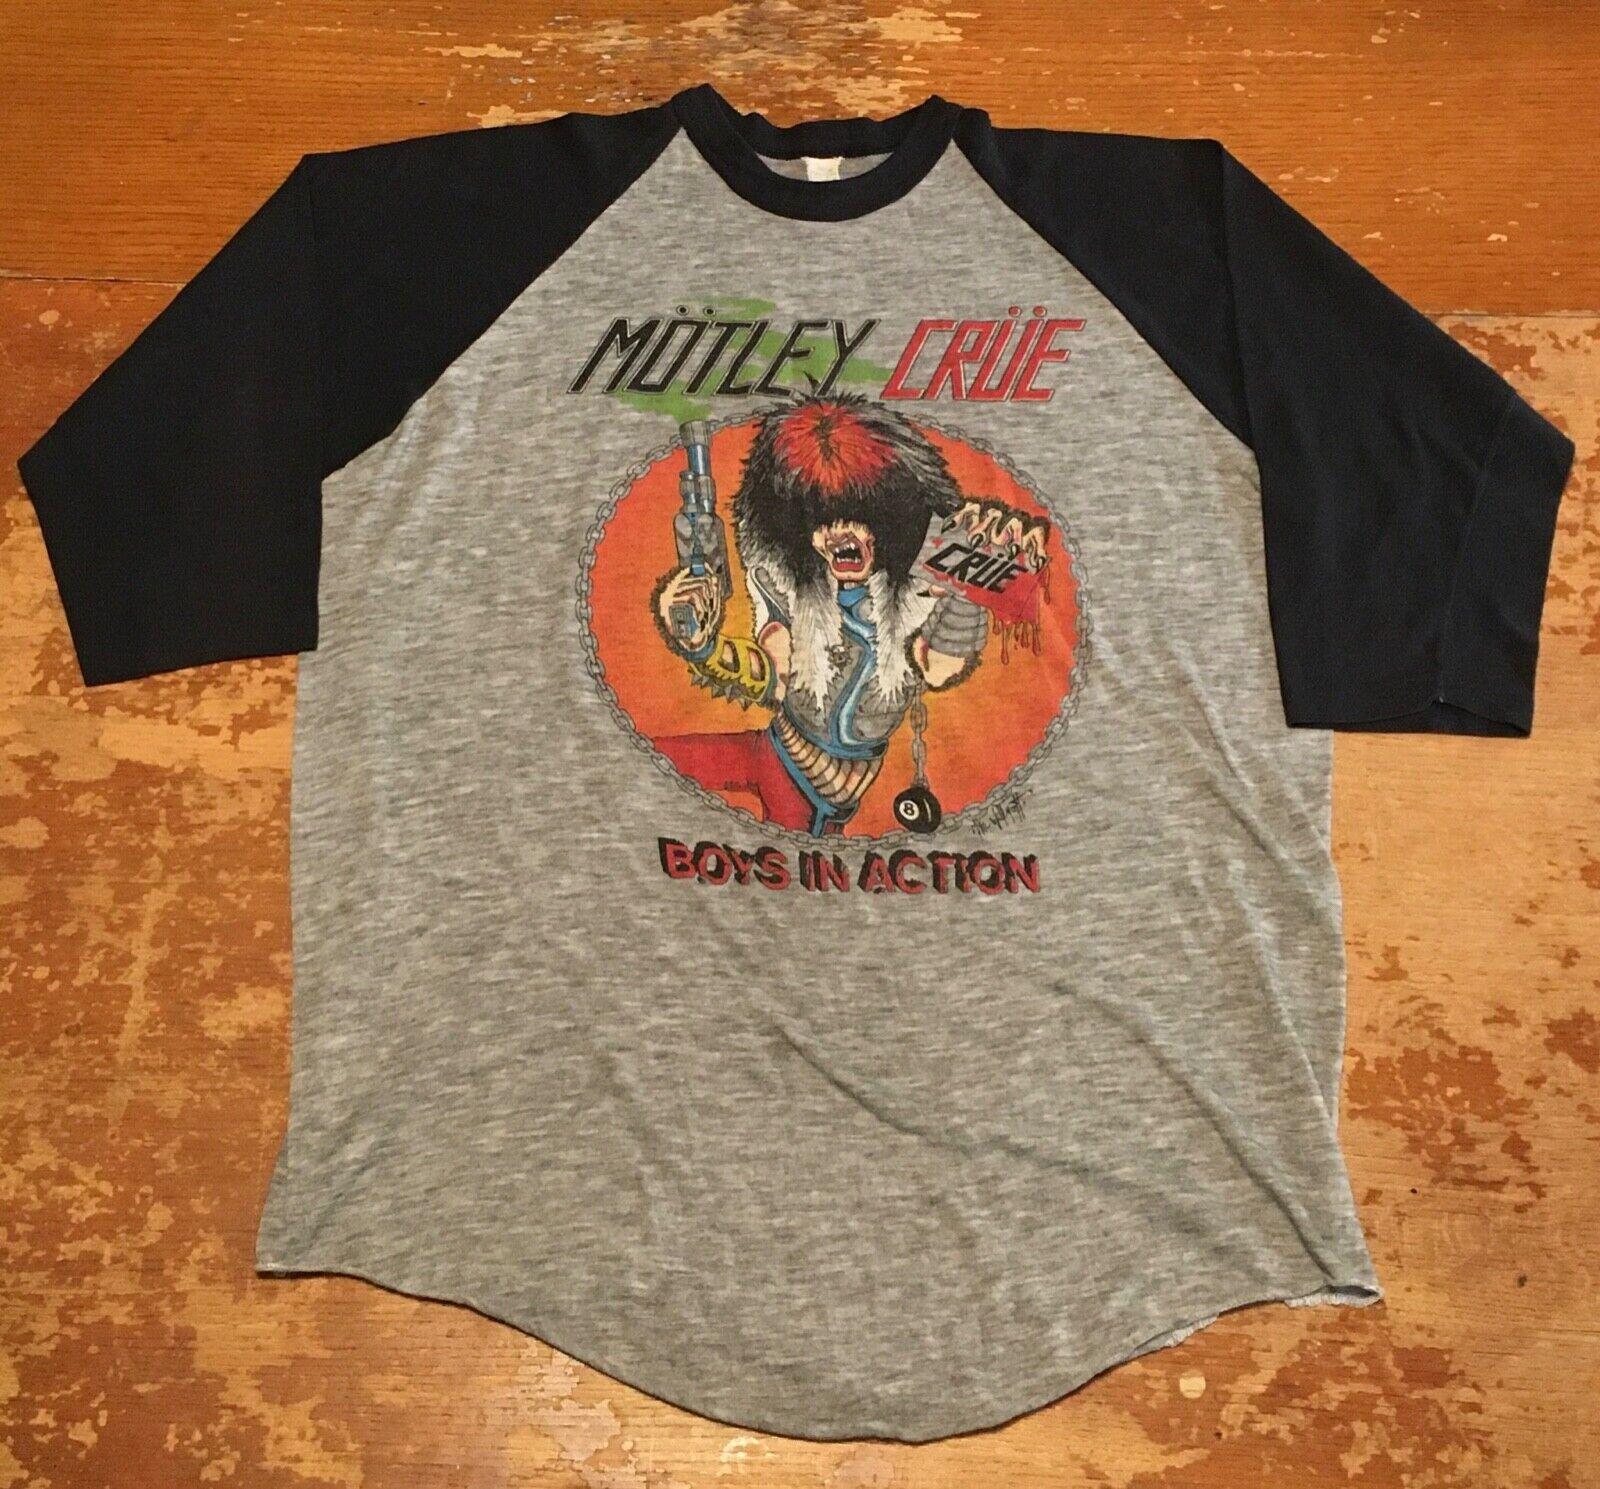 Vintage original 1983 Motley Crue concert tour shirt T-shirt Iron Maiden Ratt